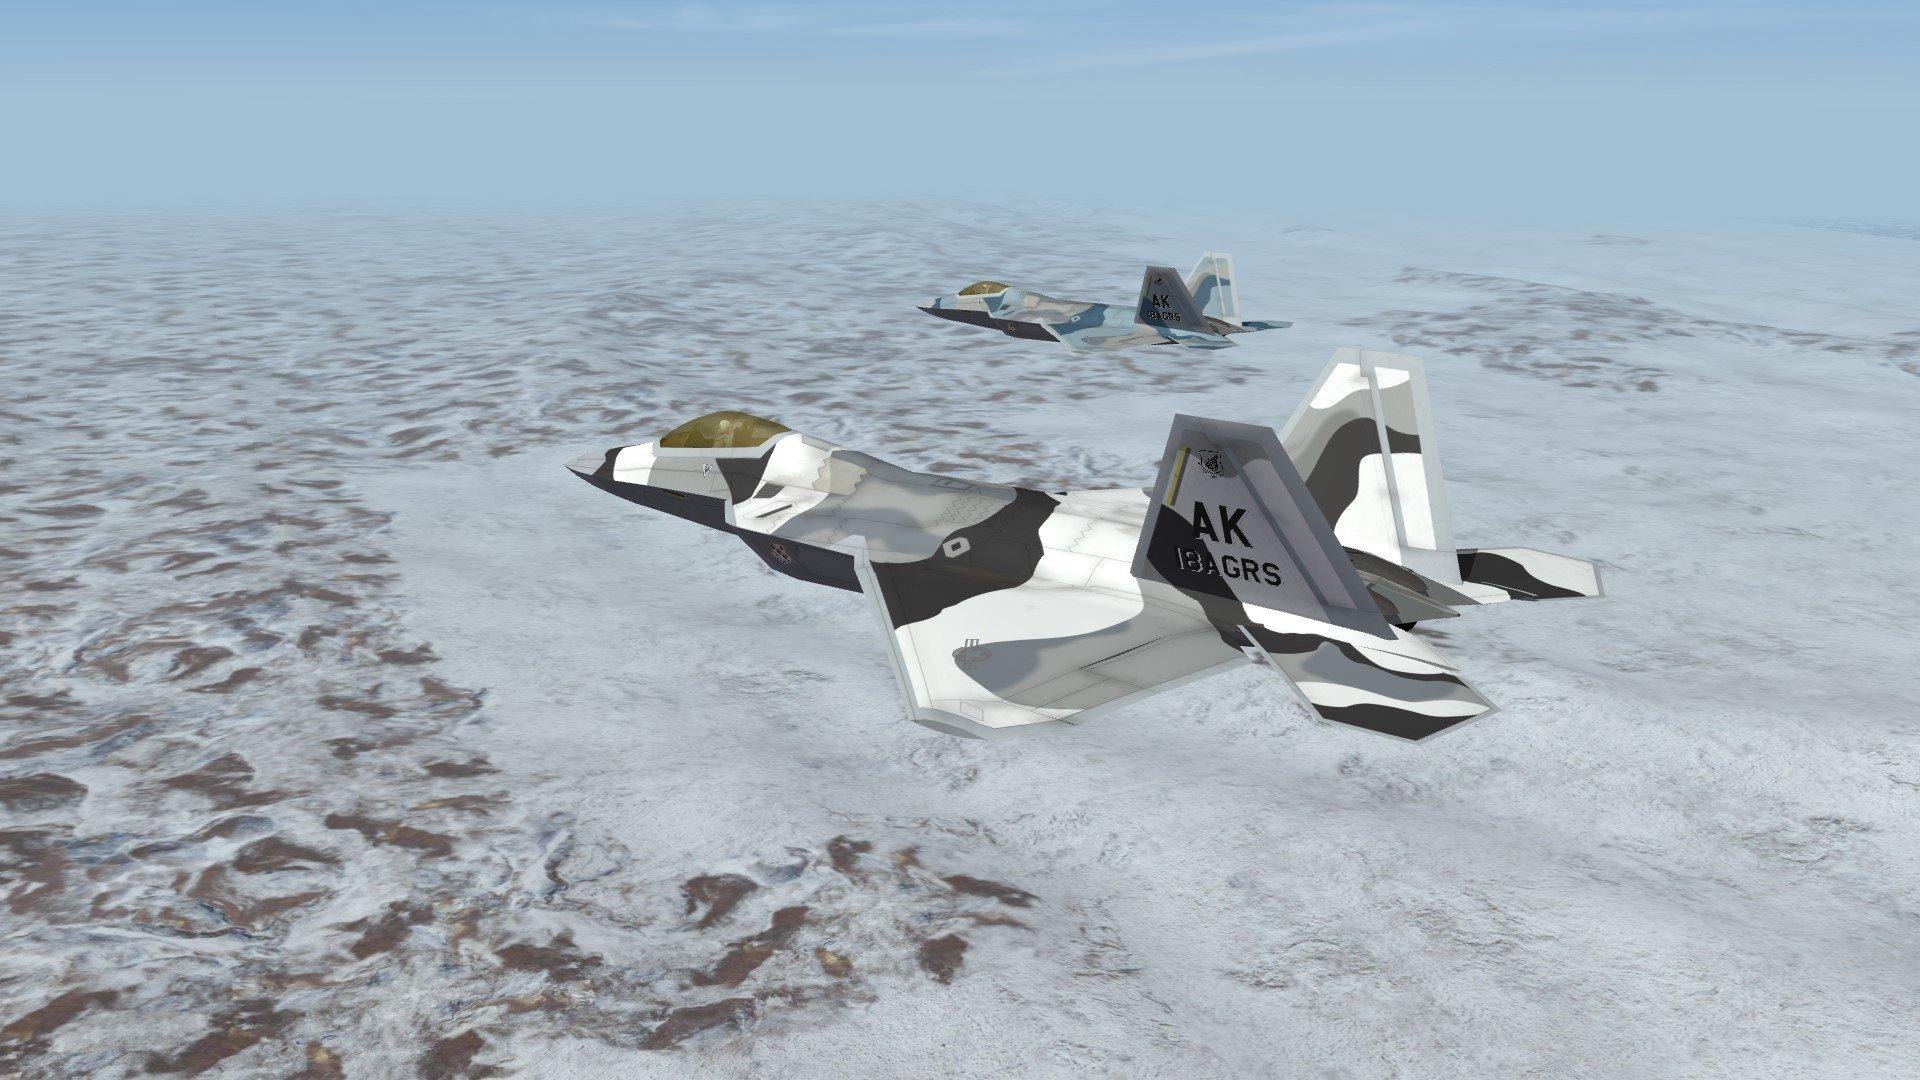 5a2695d9ca48a_F-22AGRS(3).JPG.ed889ac3f5